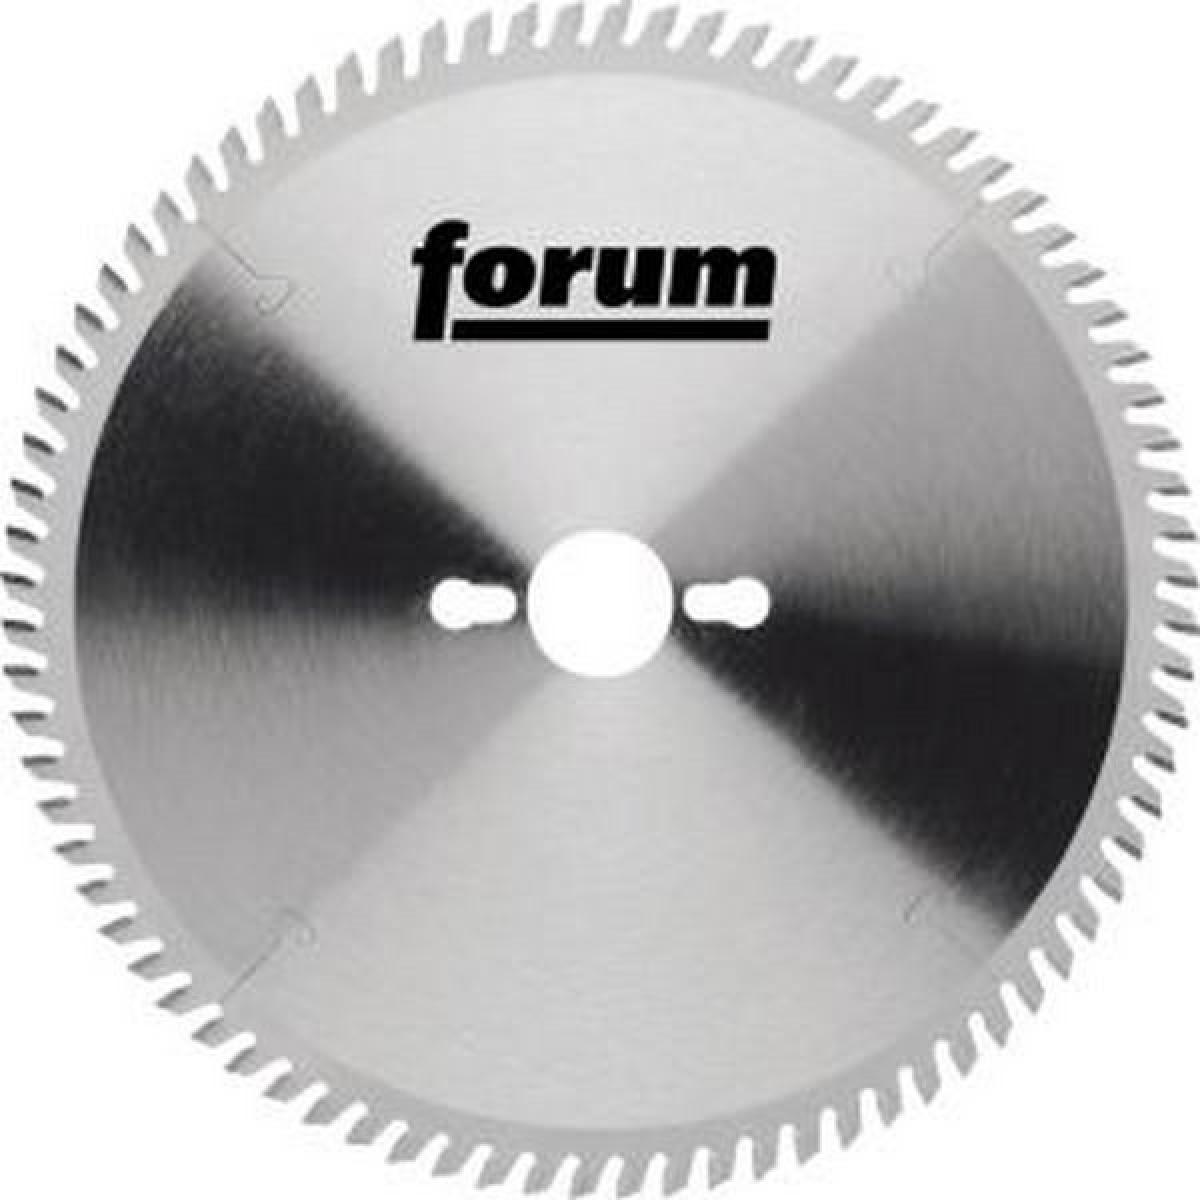 Forum Lame de scie circulaire, Ø : 700 mm, Larg. : 4,2 mm, Alésage 30 mm, Perçages secondaires : -, Dents : 42